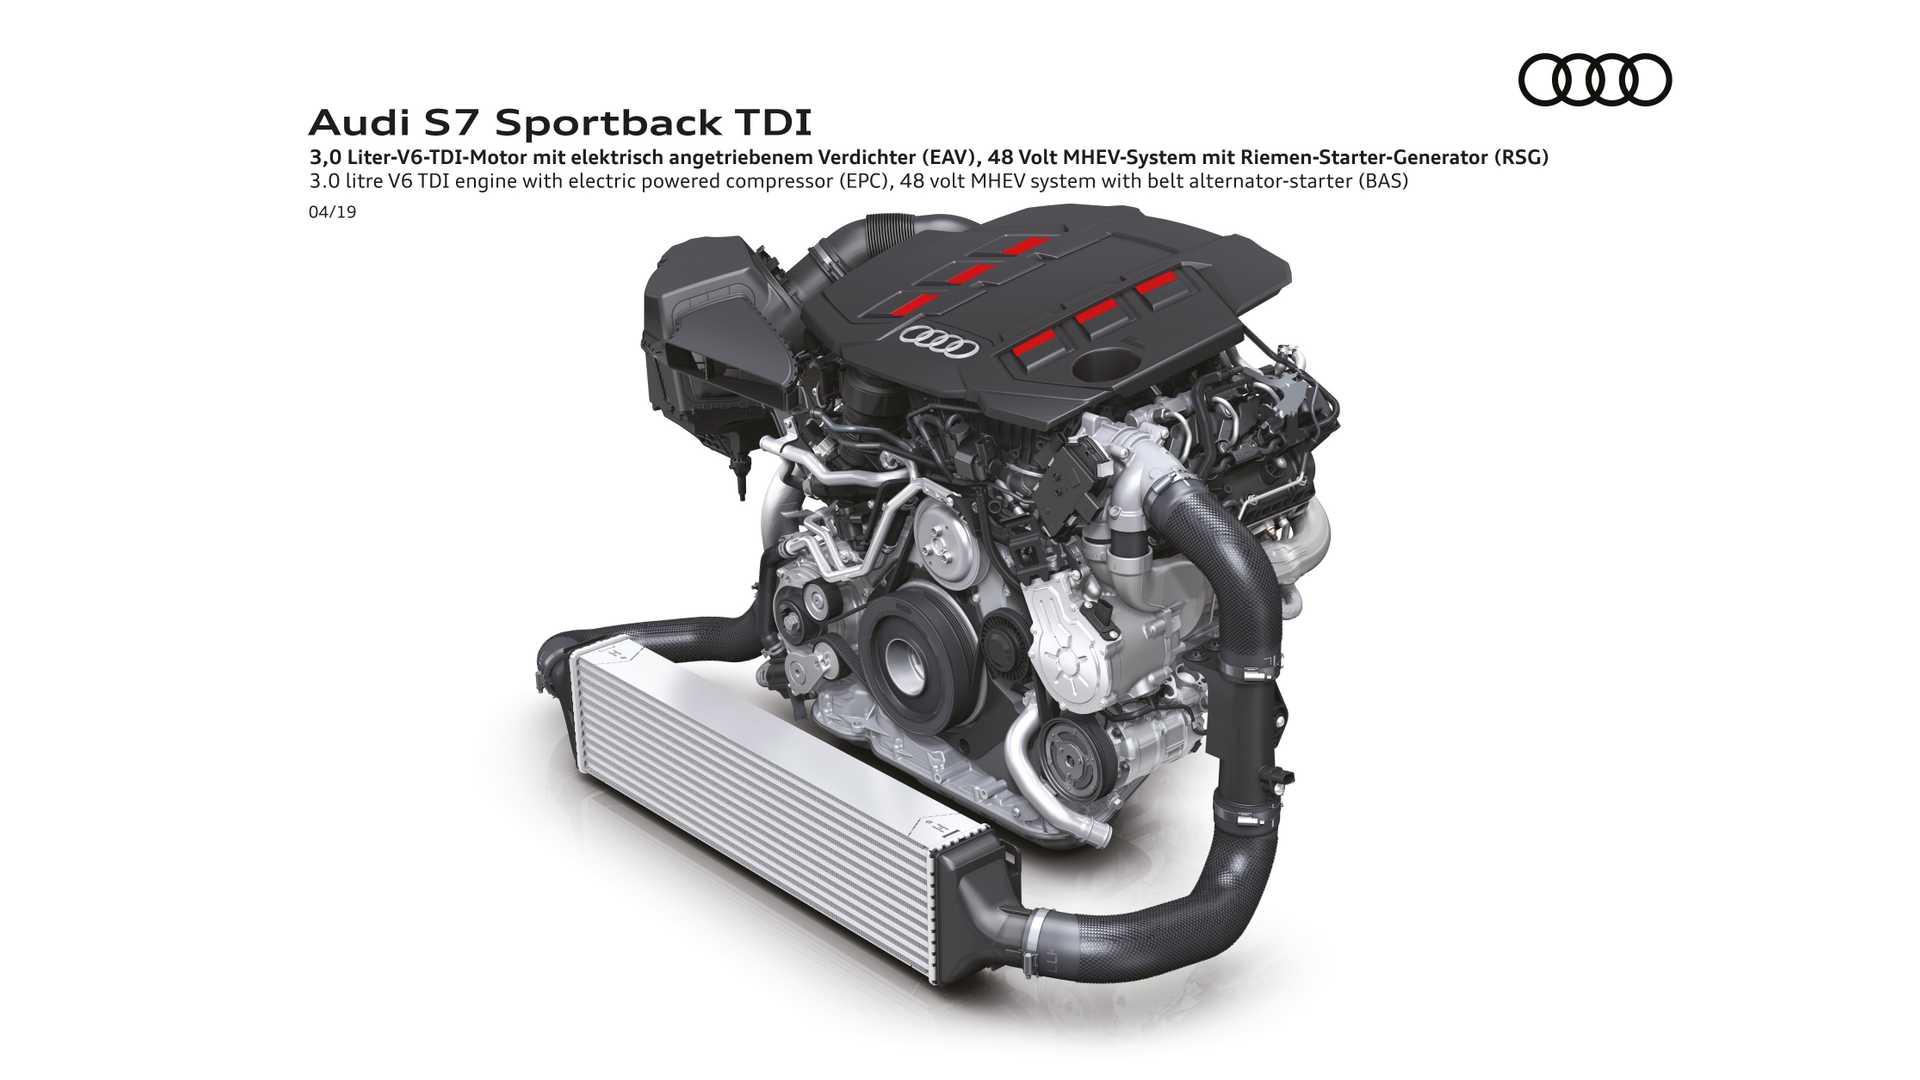 2020-audi-s7-sportback-tdi (11).jpg